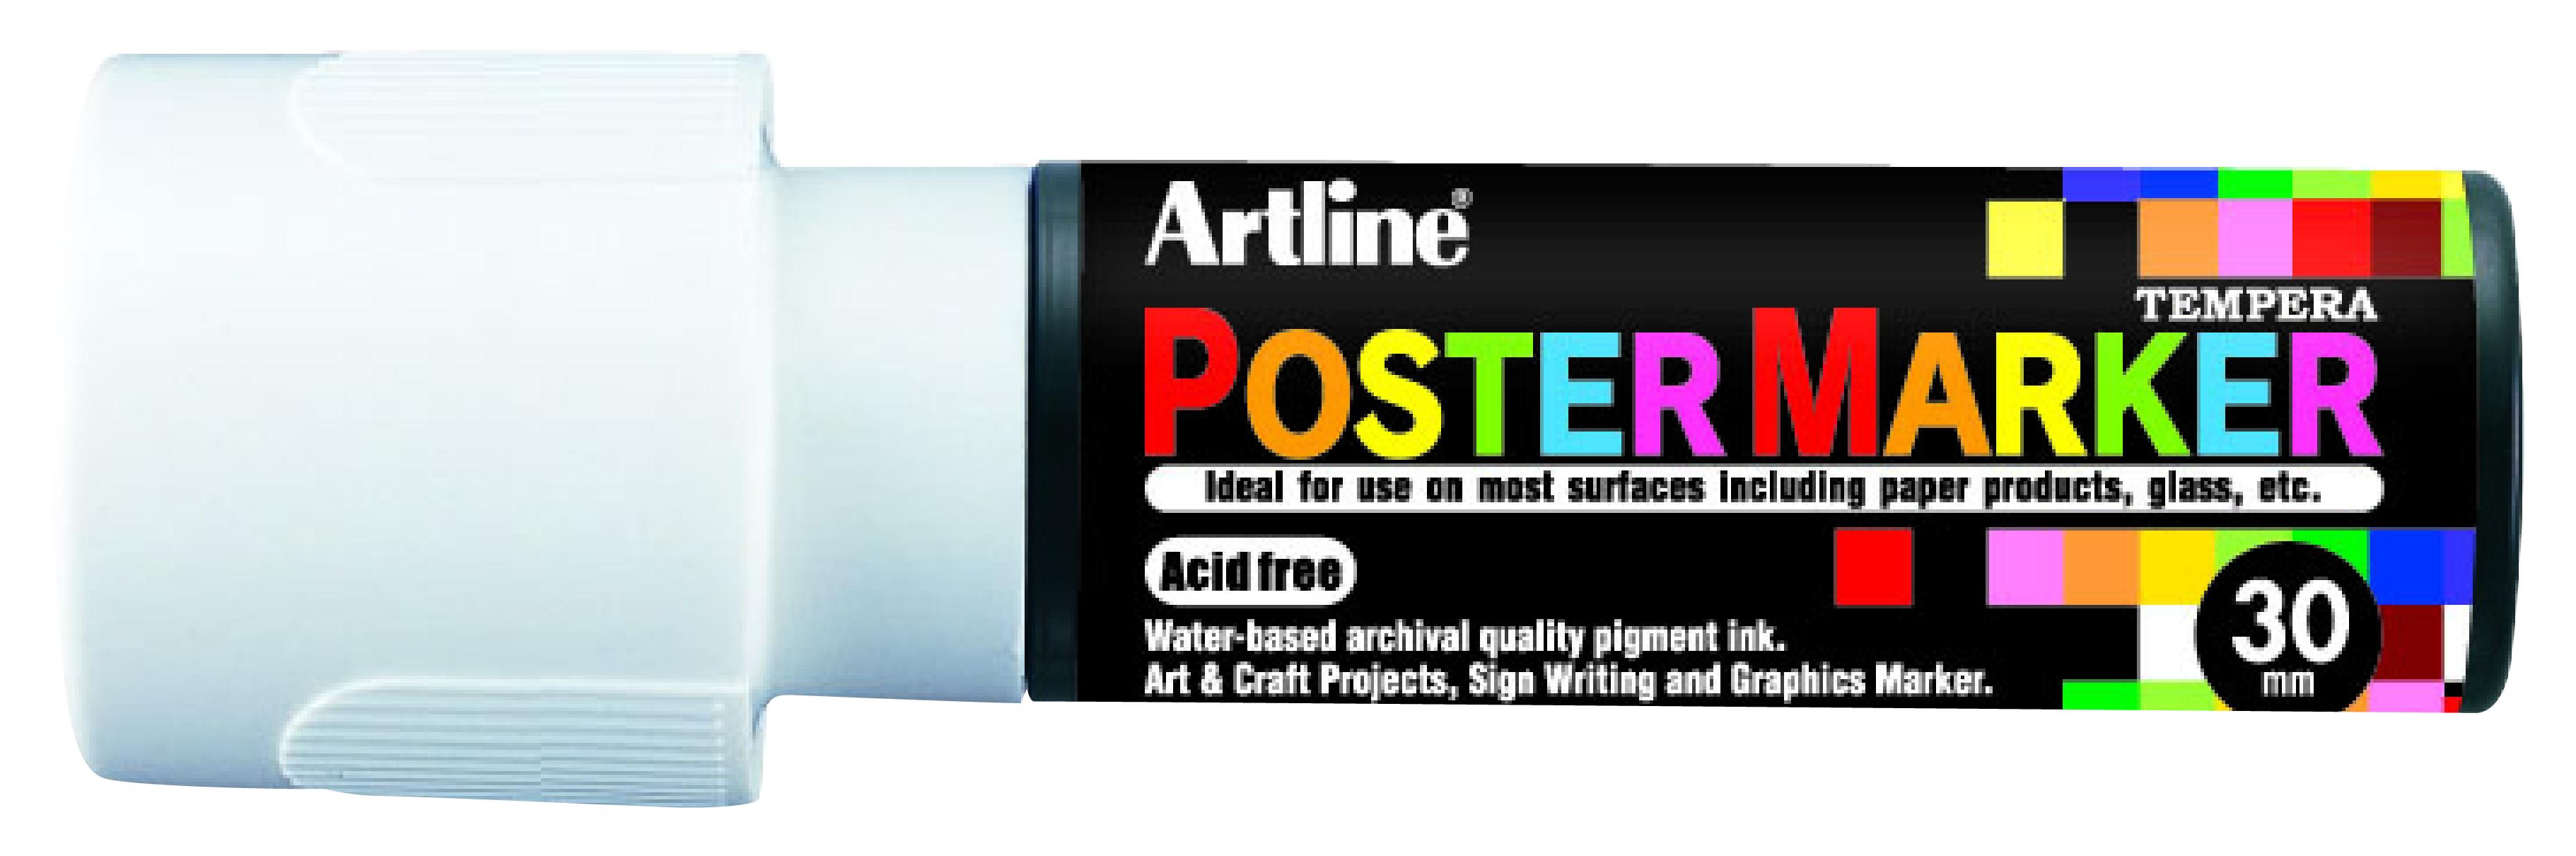 Artline EPP-30 PosterMarker 30mm merkepenn Hvit